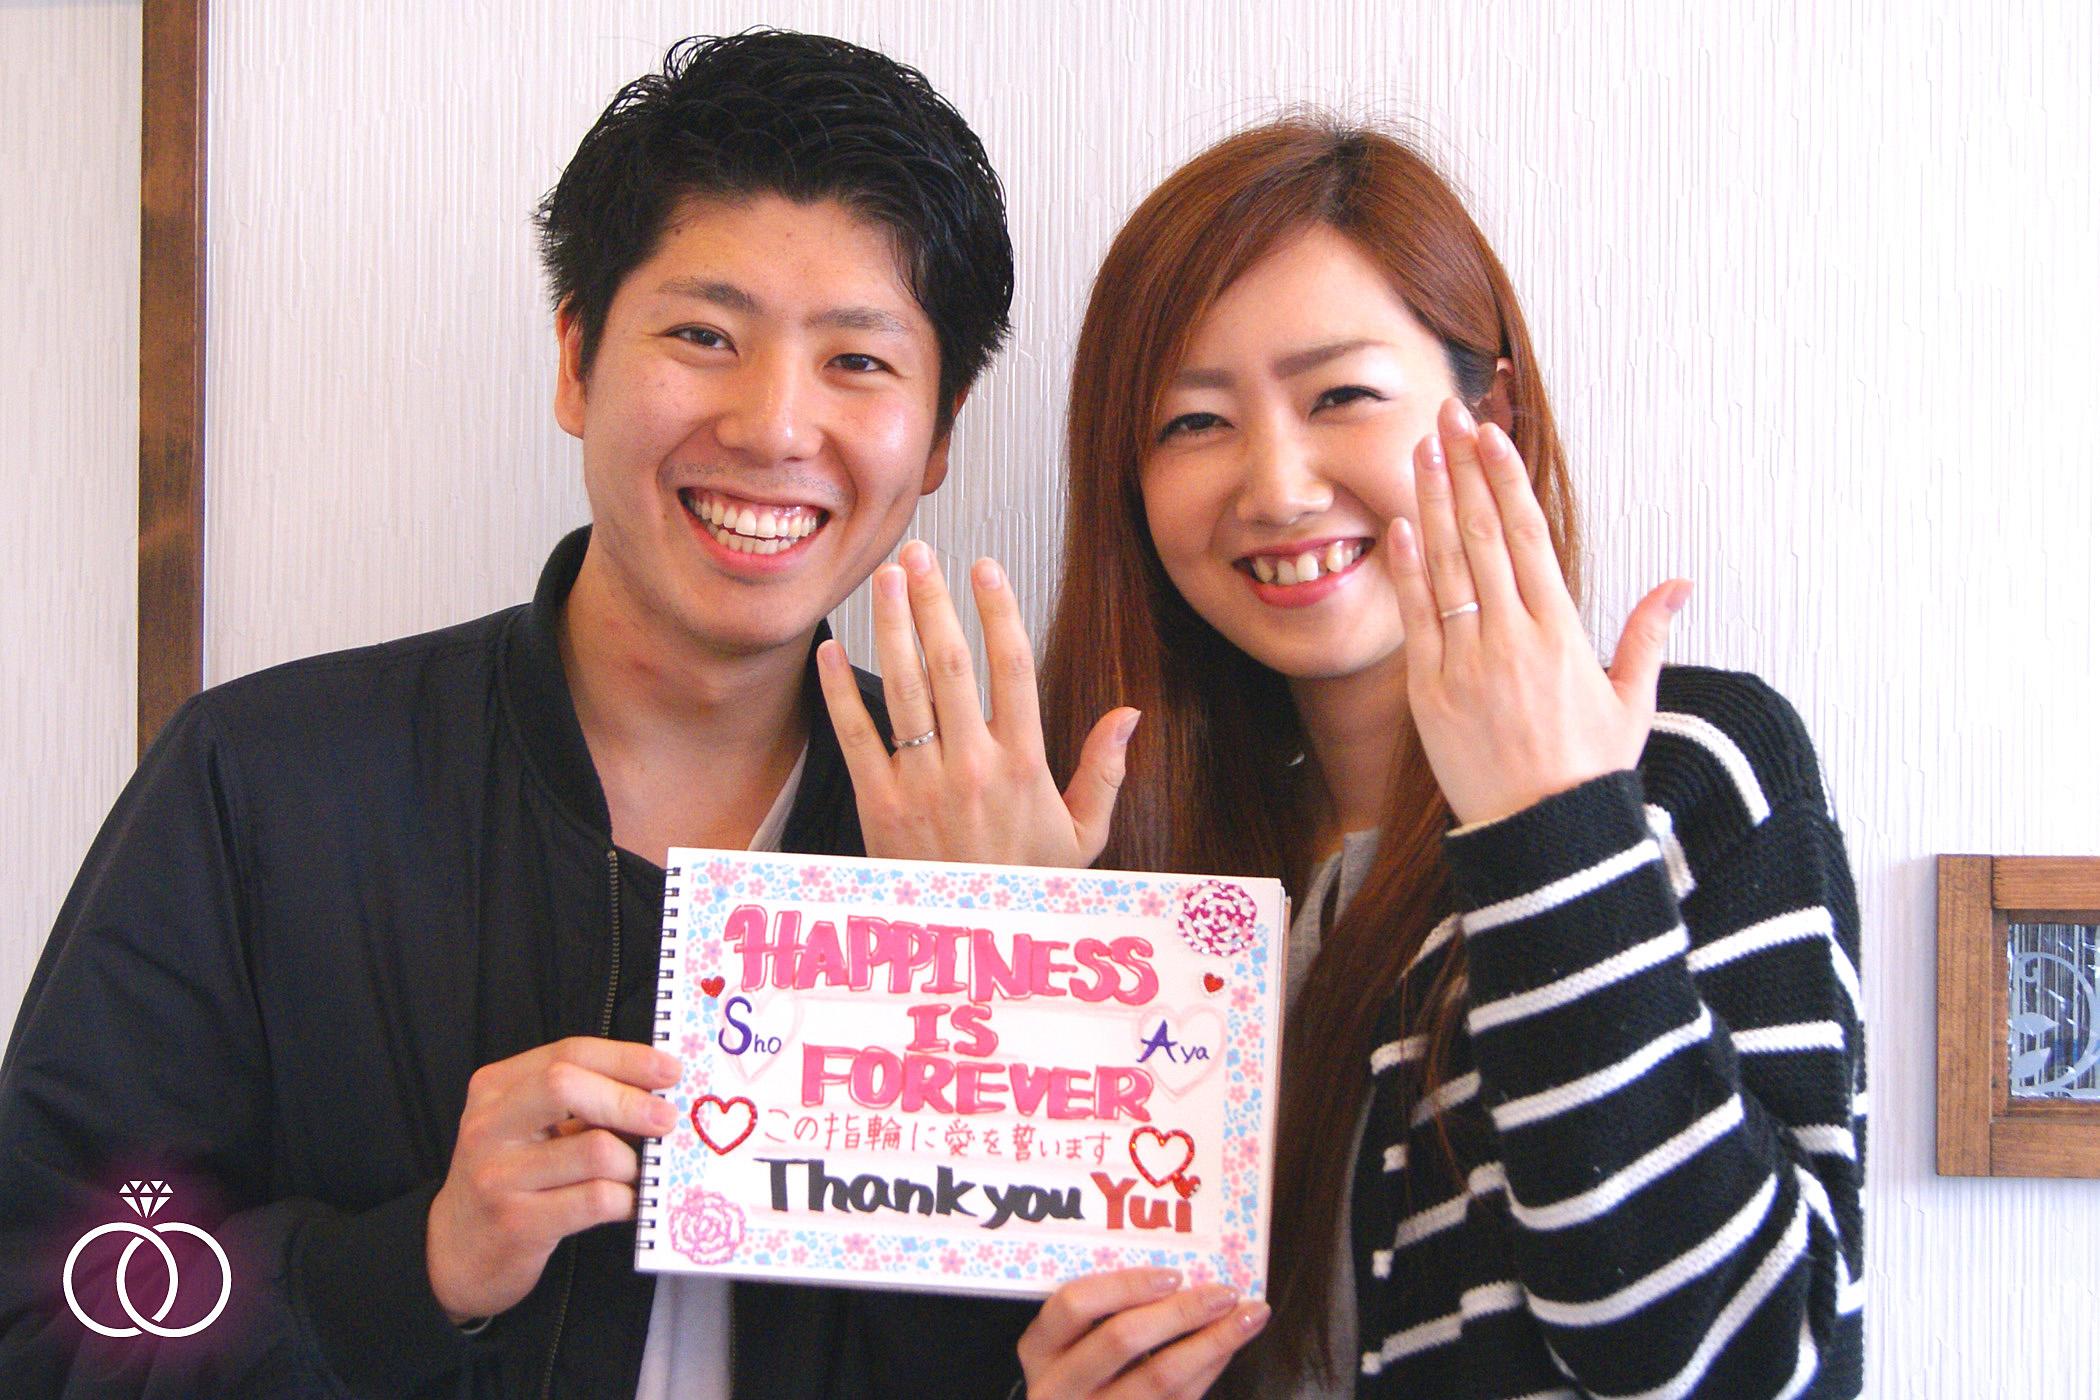 会津若松市 カップル 世界に一つだけの結婚指輪「kazariya Yui」 福島県郡山市